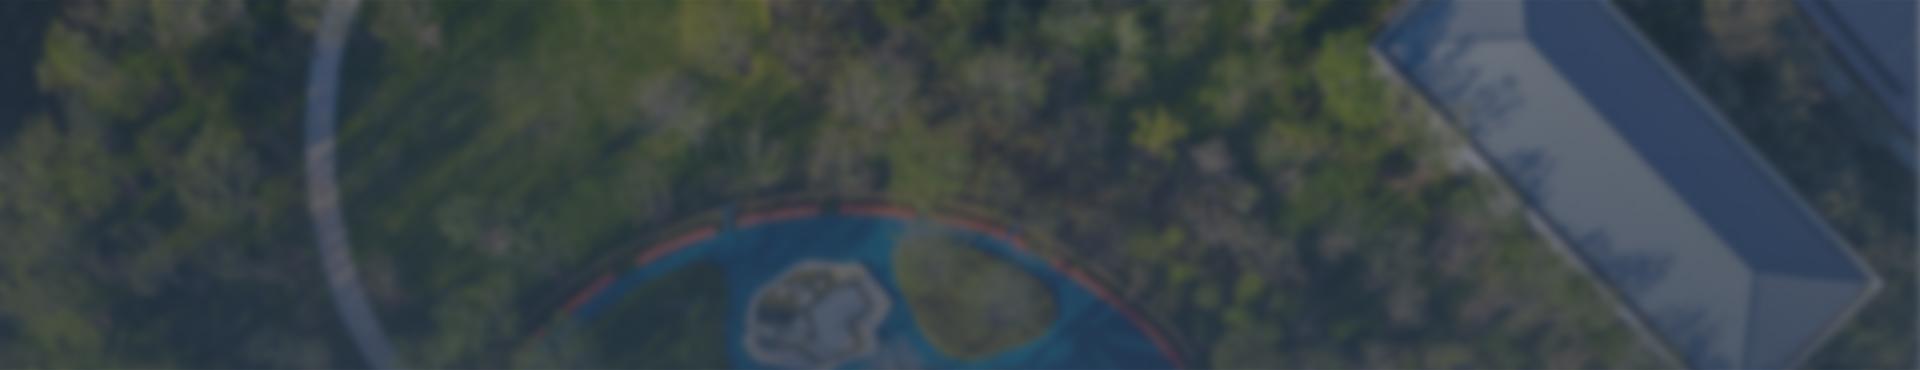 个性化亚博体育足球官网设备